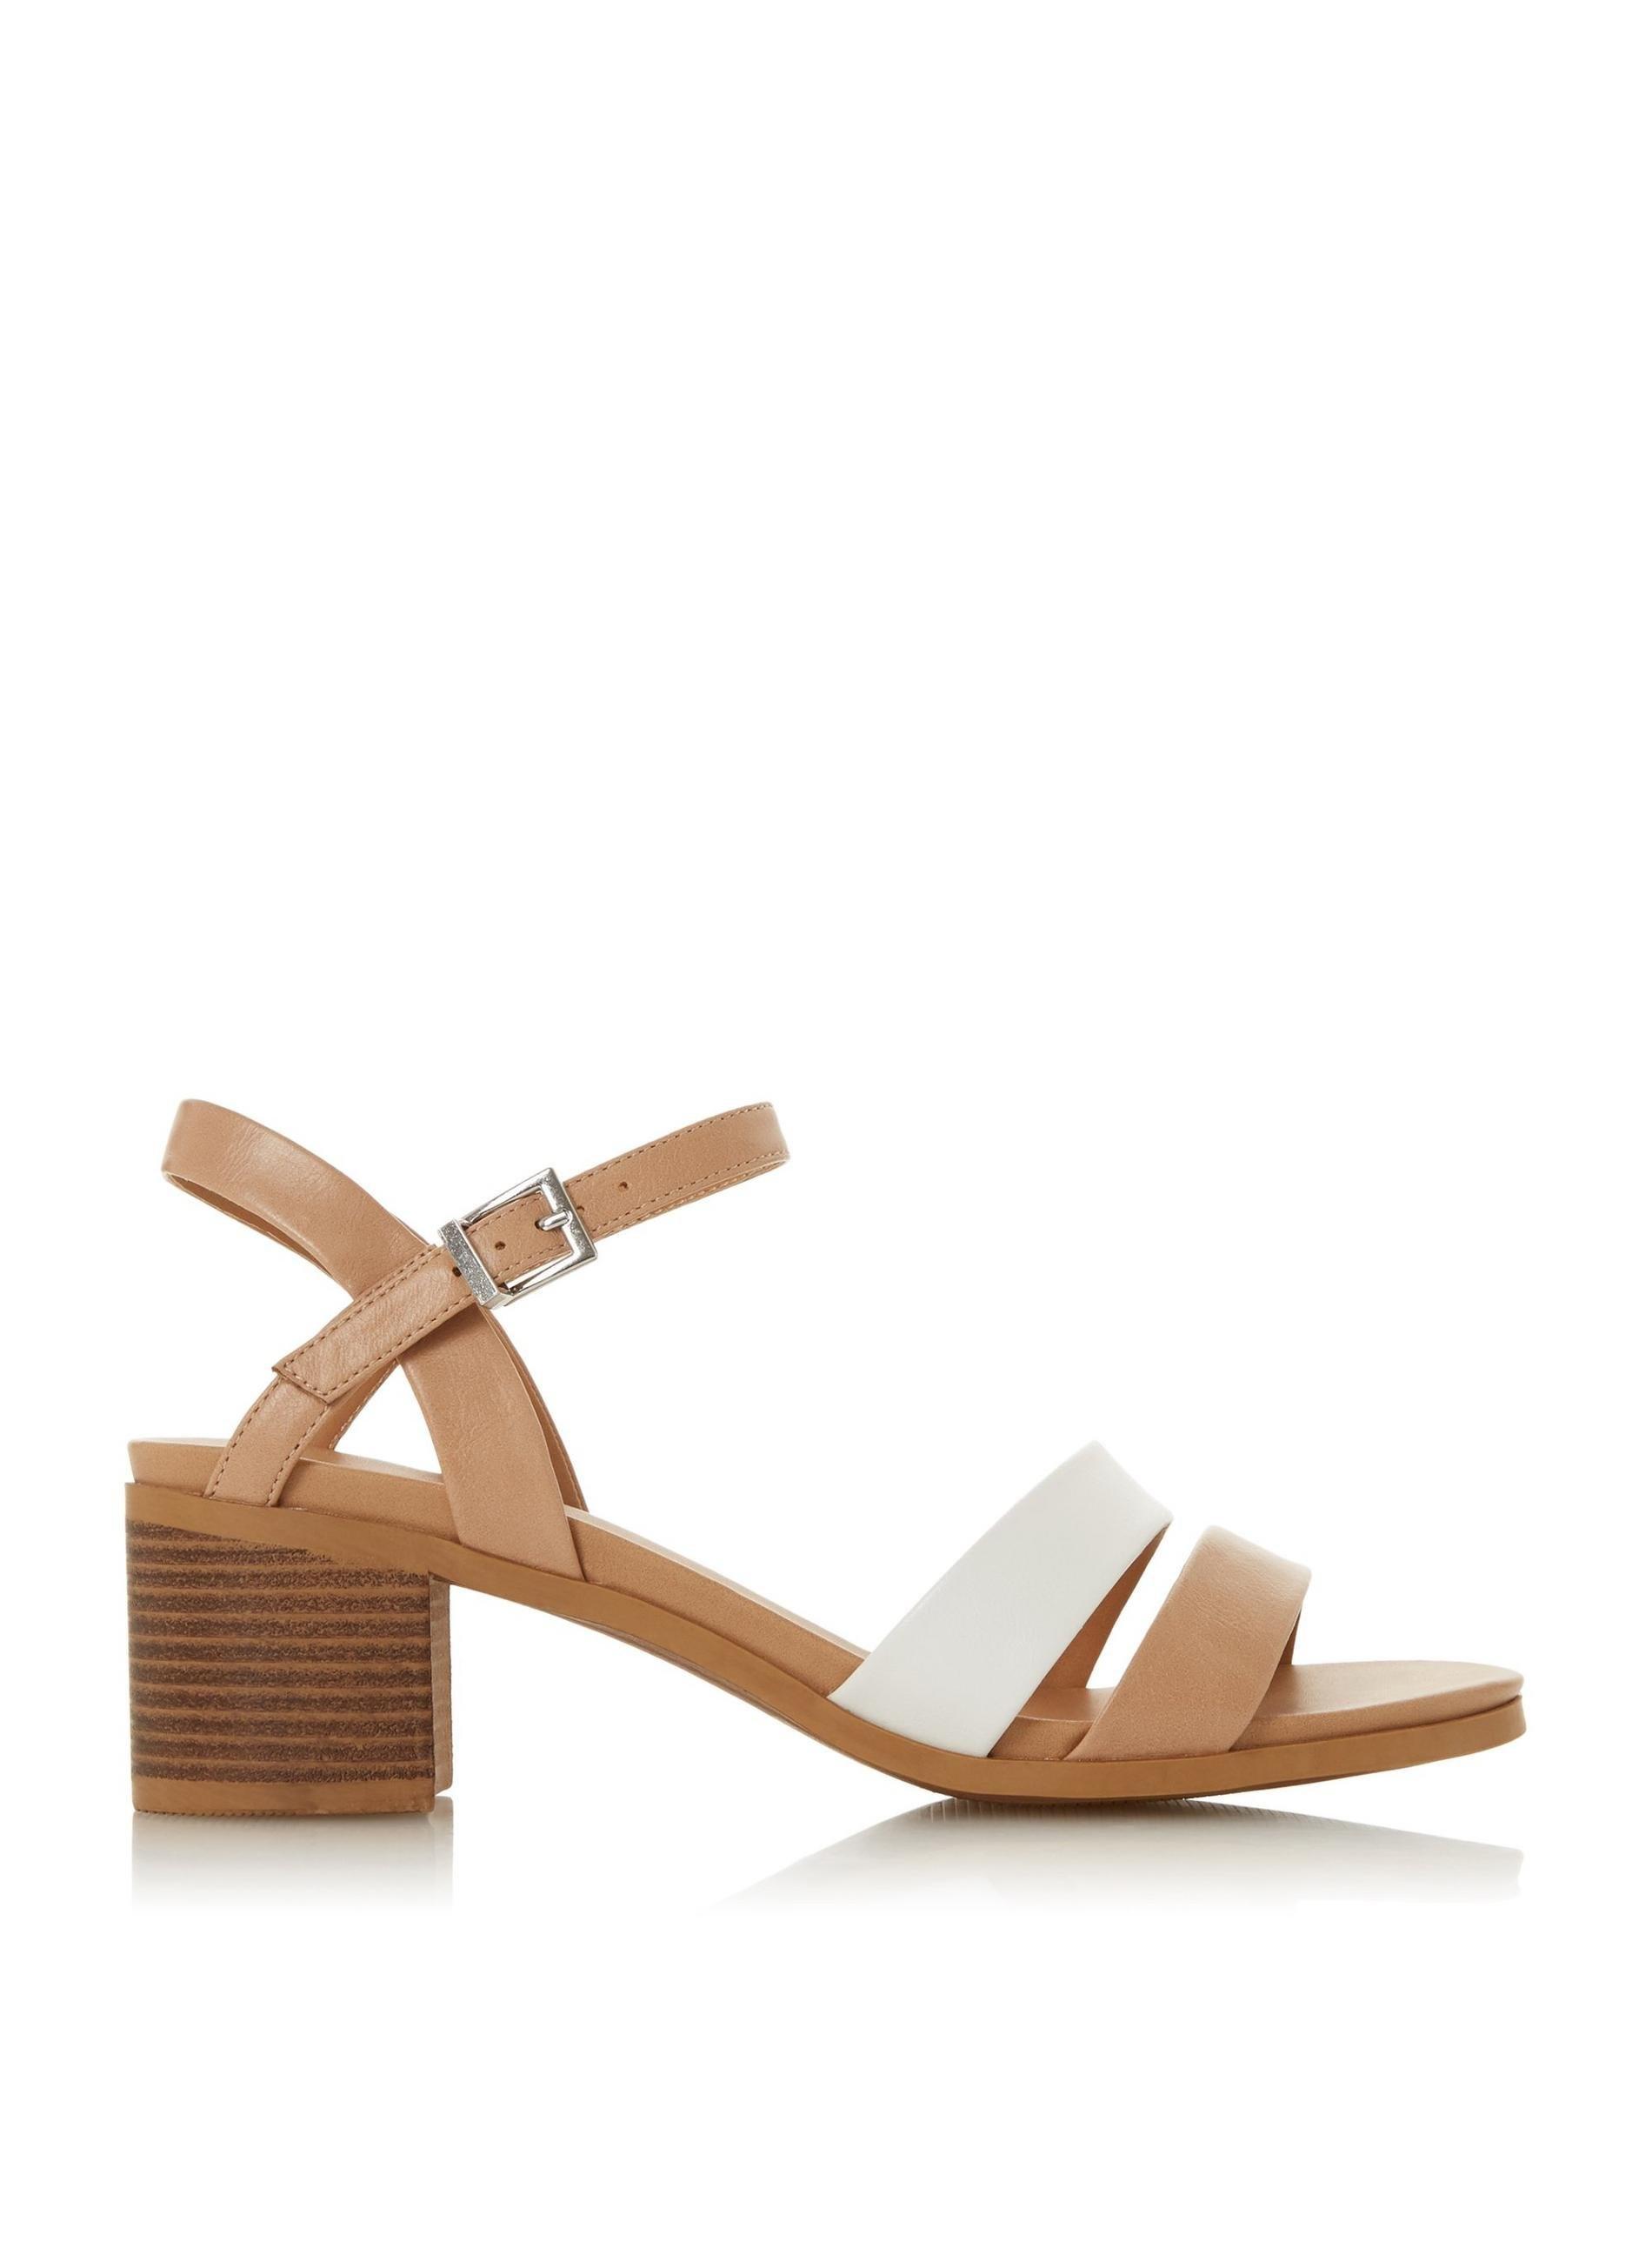 4632b6cf37e Dune. Women s By Dune Jayden Ladies Heel Sandals